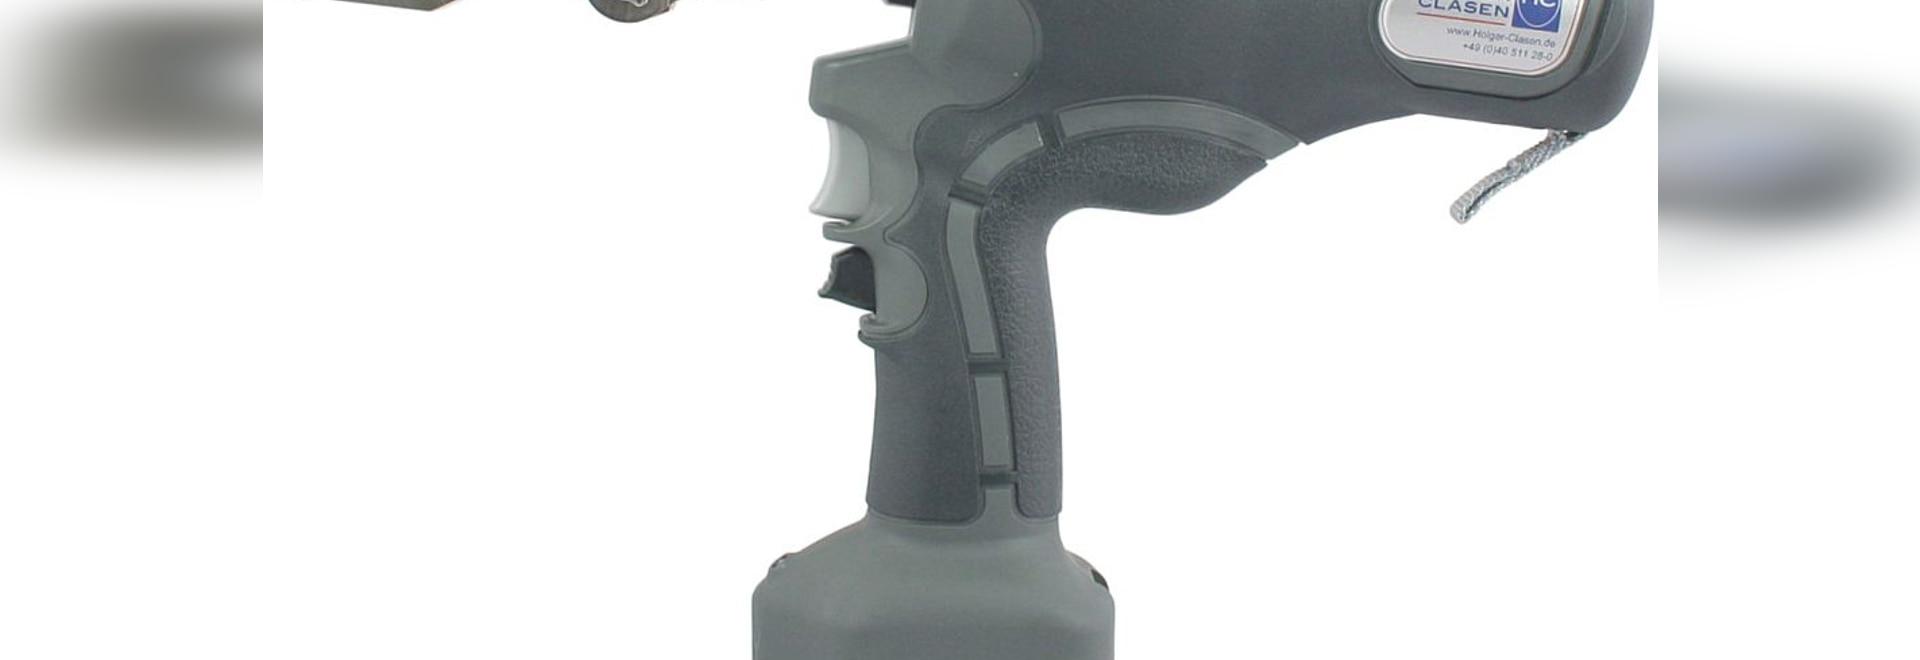 PressMax® 6 Akku-hydraulisches Presswerkzeug